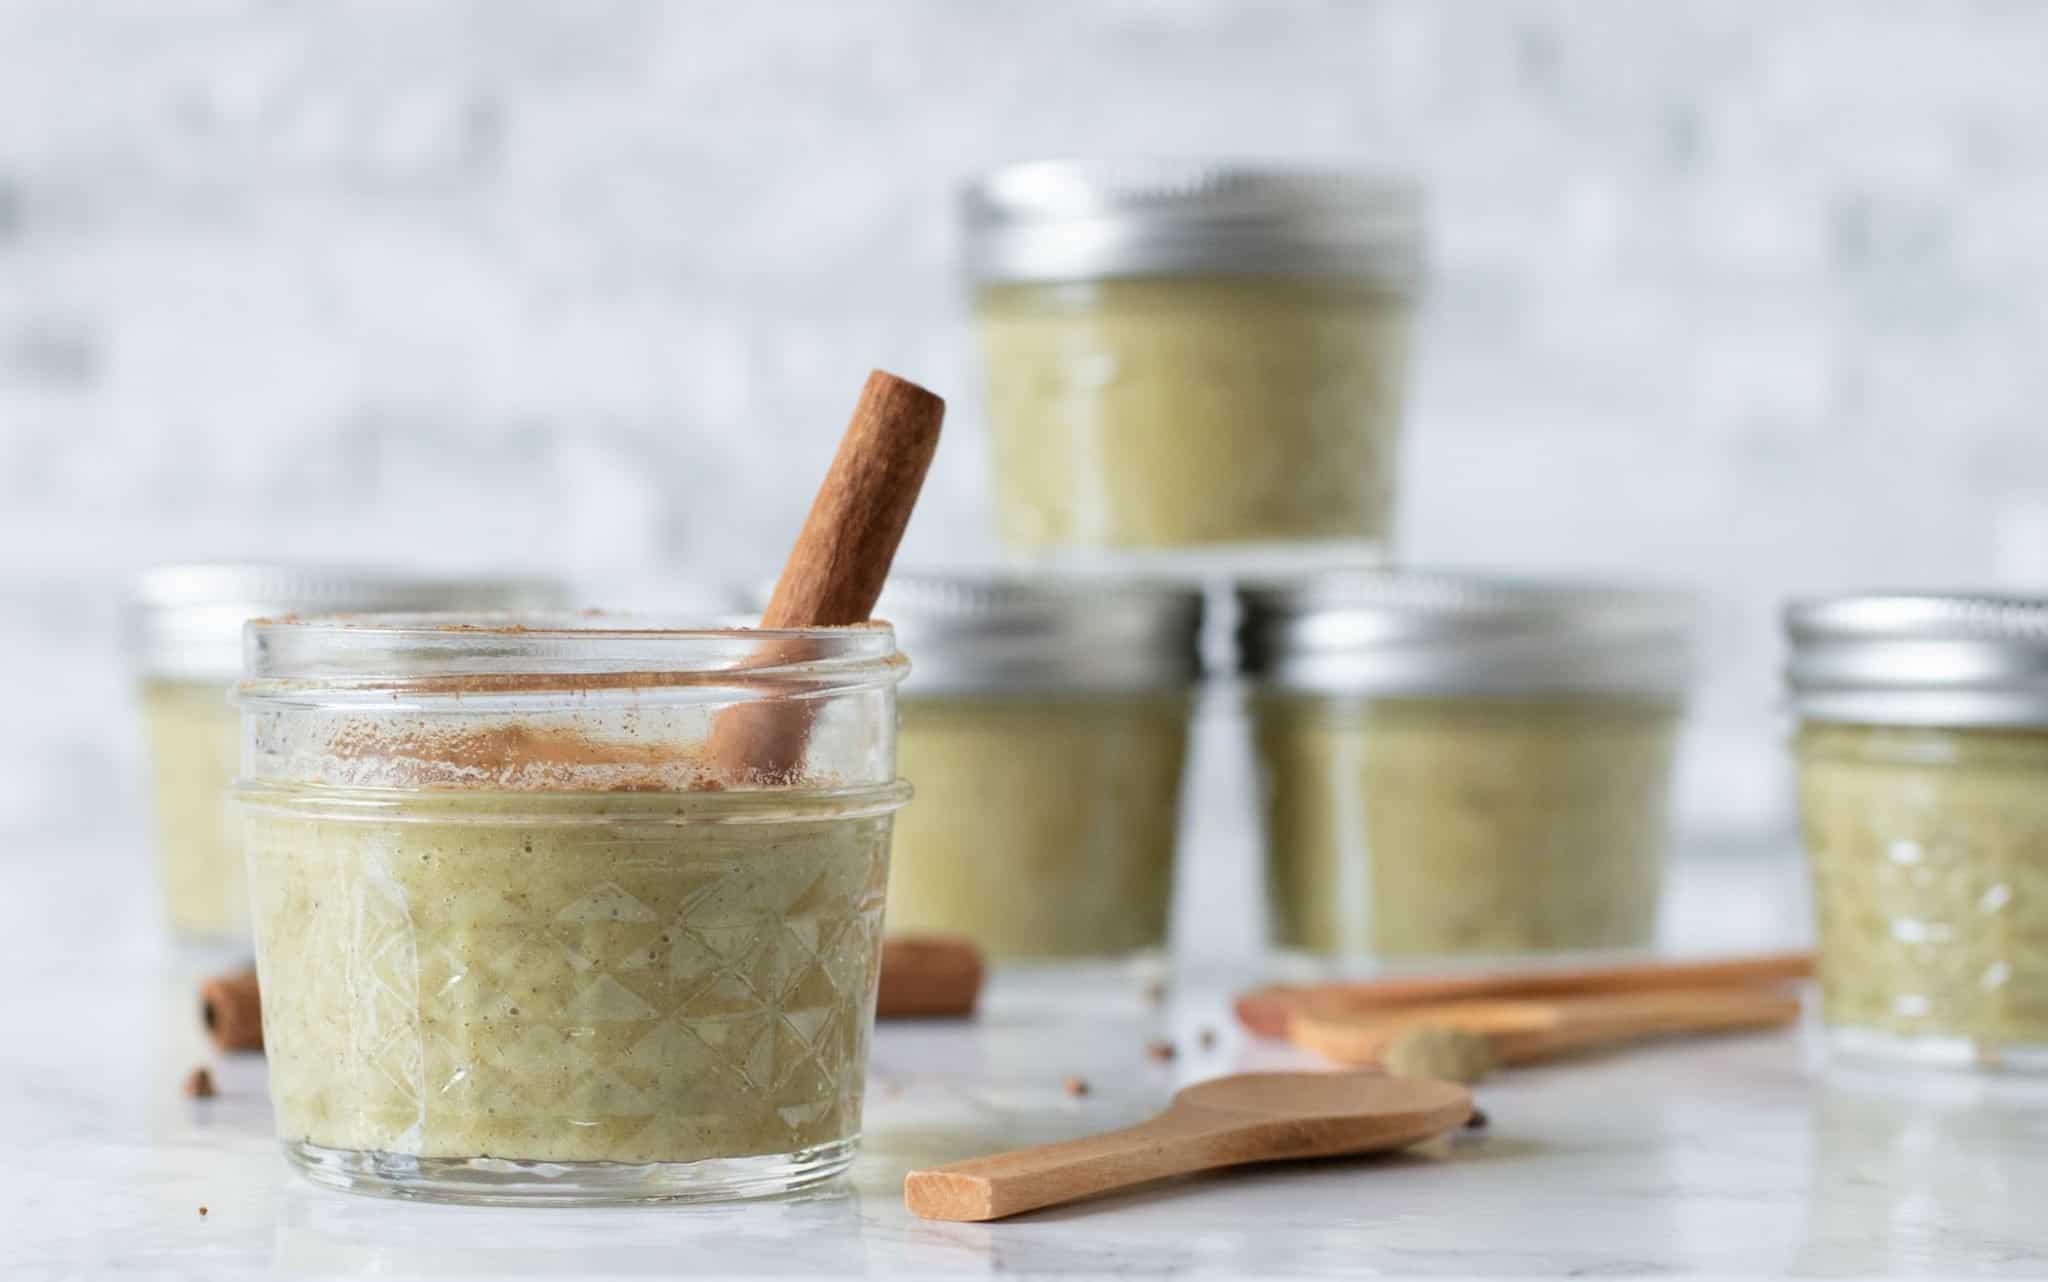 Zucchini Pudding is a healthy zucchini dessert recipe